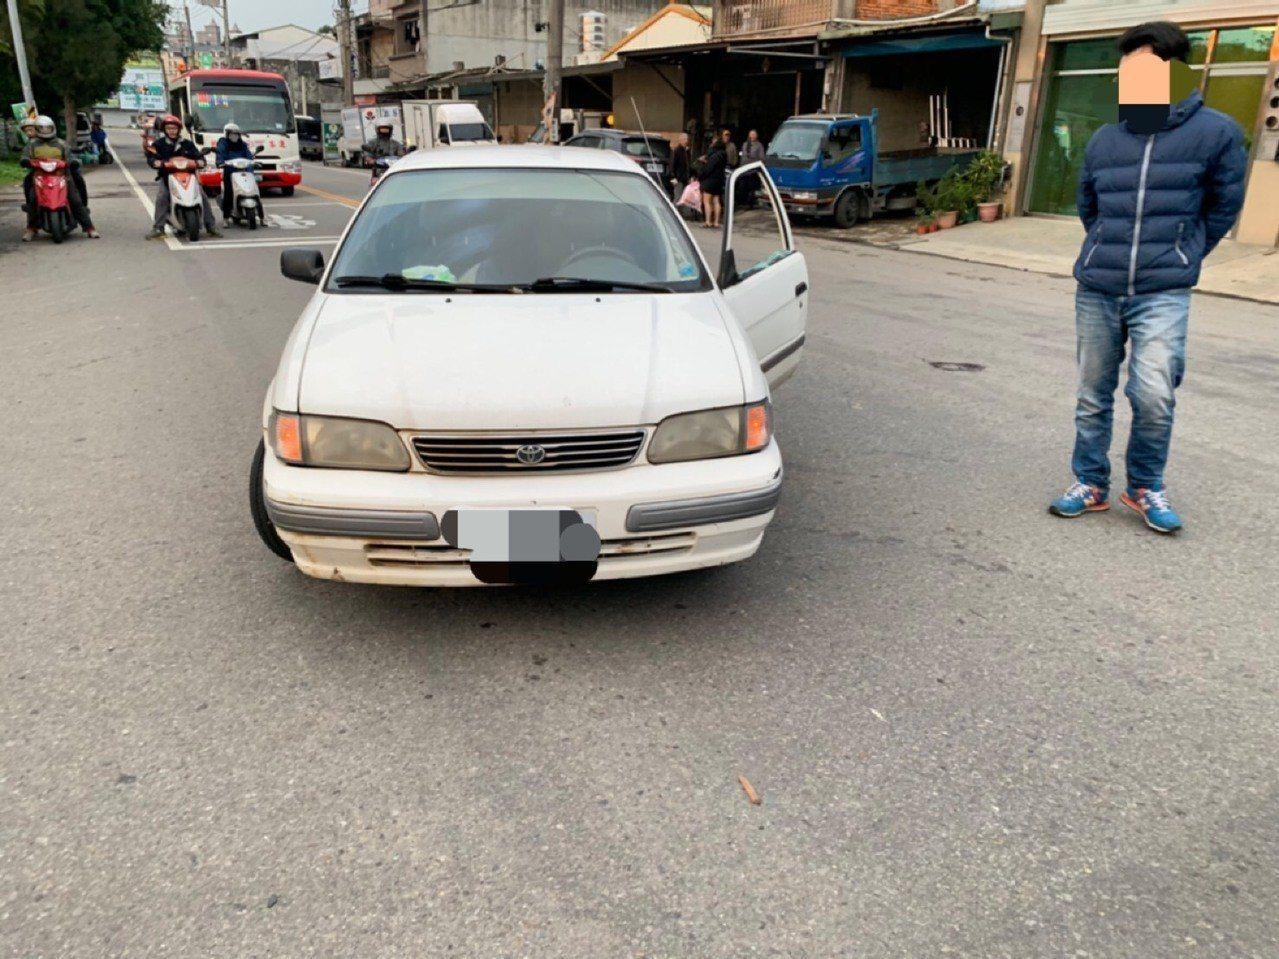 桃園市大溪區一名駕駛昨日於路上遇到情緒失控女子,不僅車輛後照鏡遭拔、車窗還被砸破...